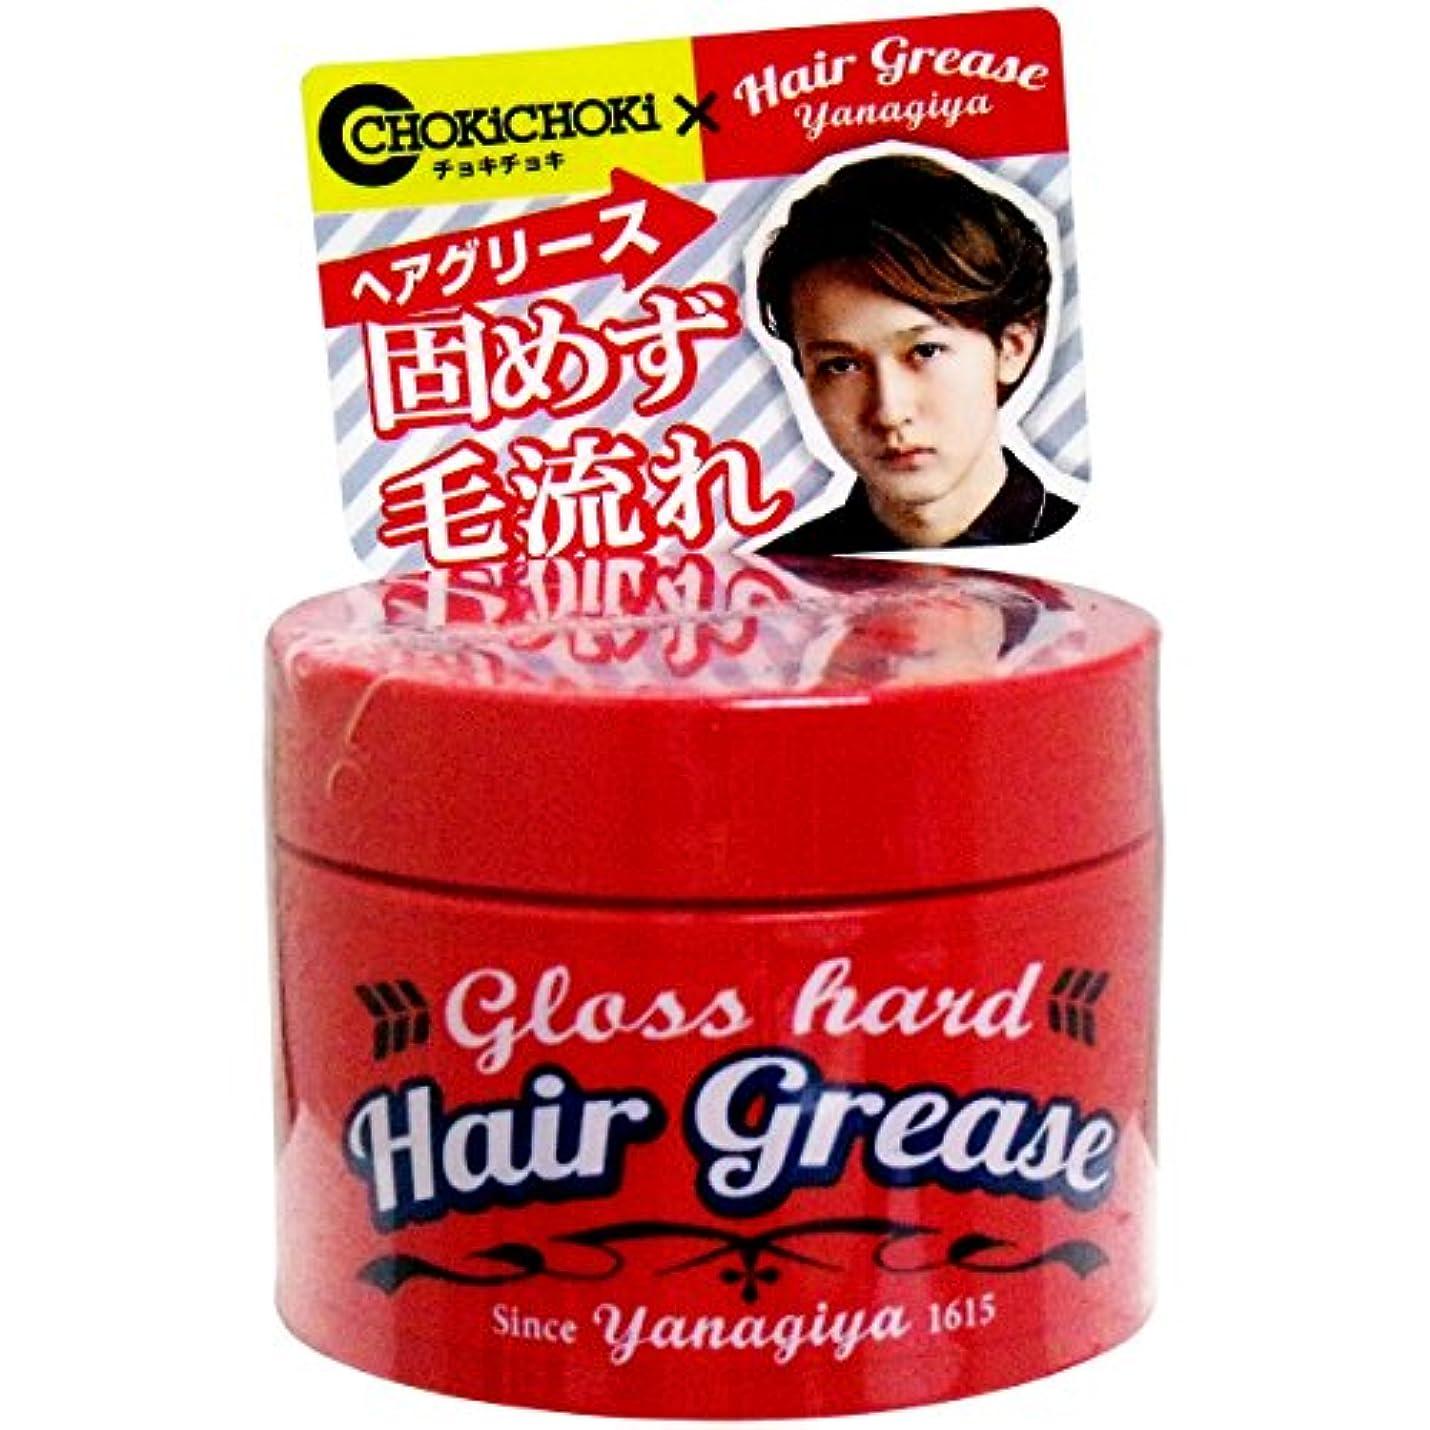 組立エンディング水ヘアワックス 固めず毛流れ 使いやすい YANAGIYA ヘアグリース グロスハード 90g入【5個セット】